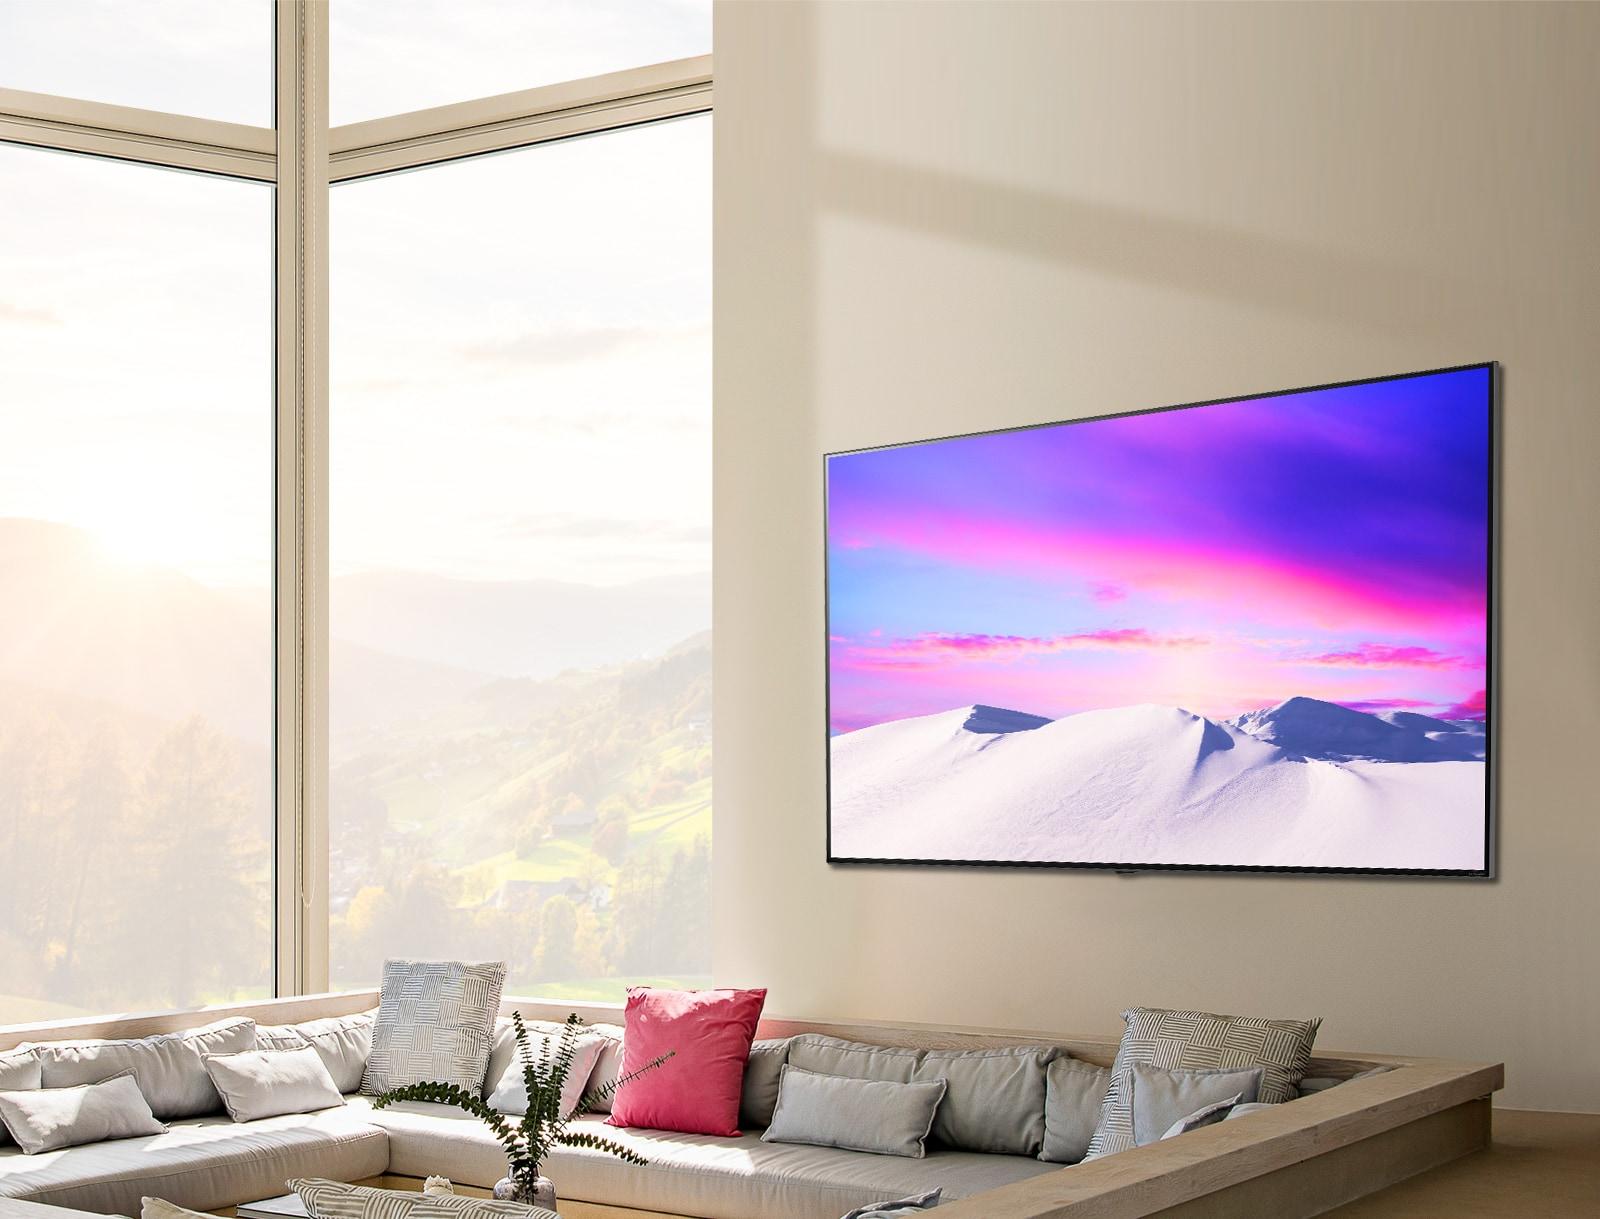 Una escena muestra el LG NanoCell TV, grande y delgado, colgado en posición horizontal contra la pared.